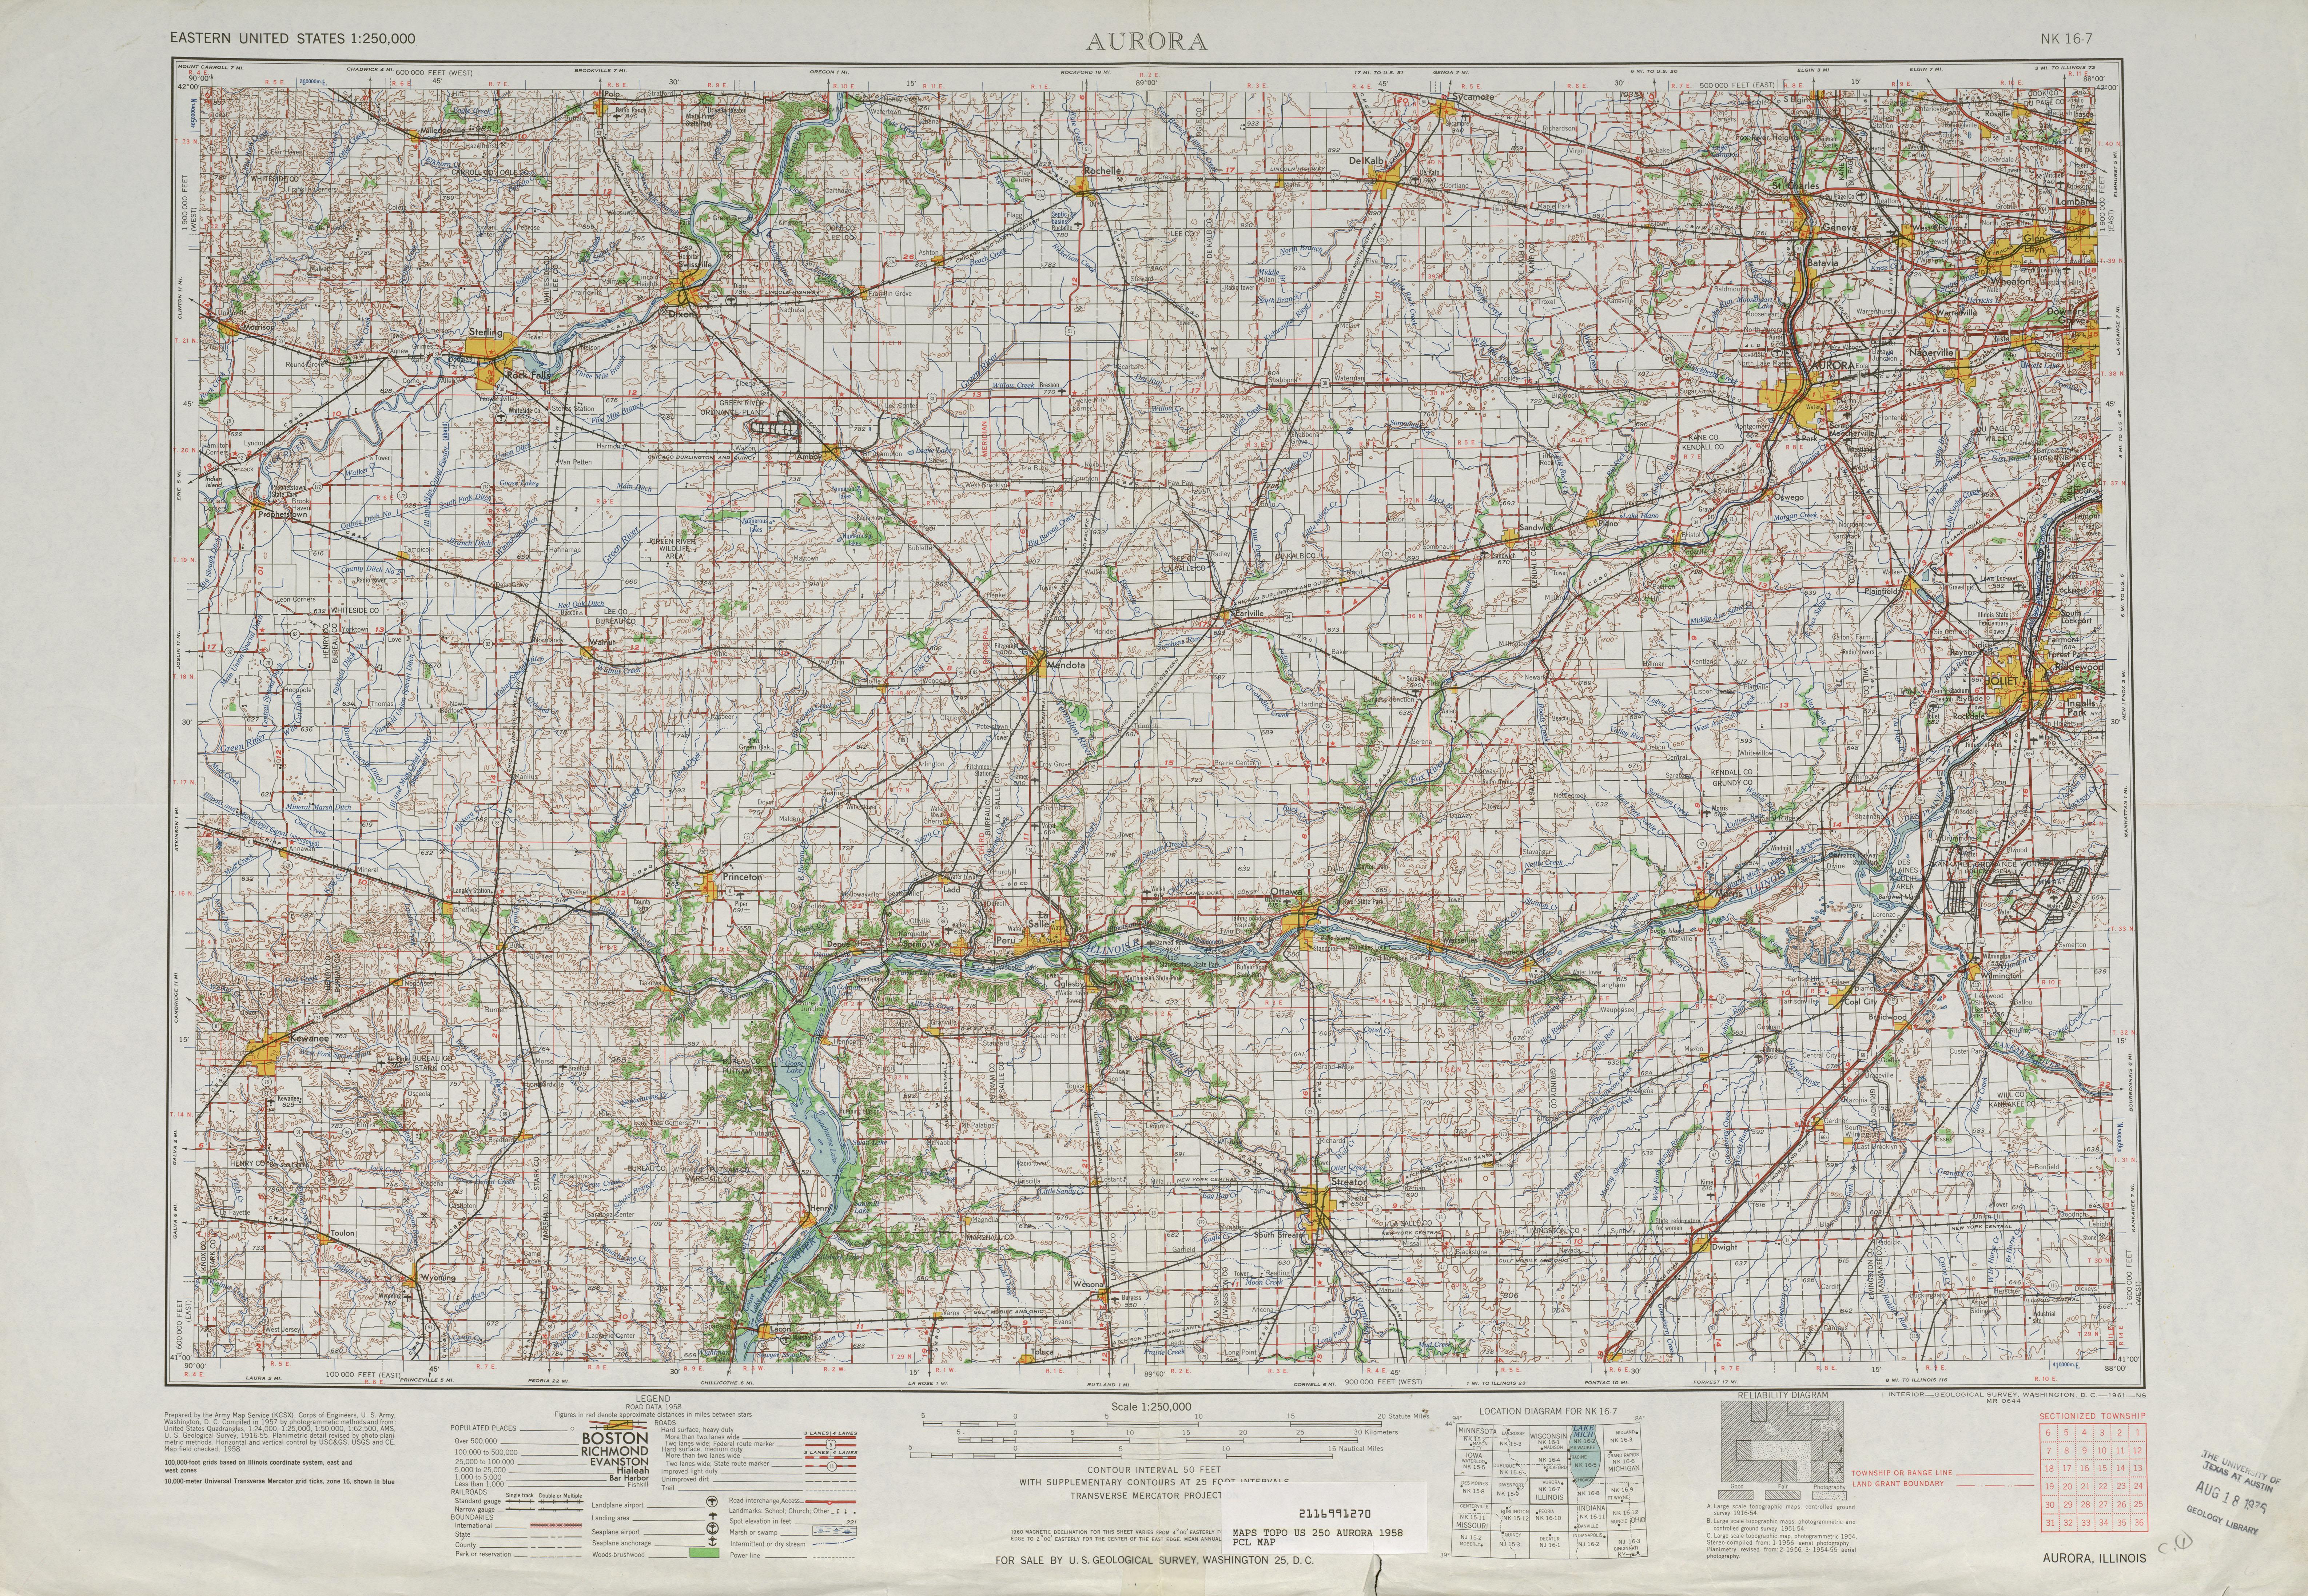 Hoja Aurora del Mapa Topográfico de los Estados Unidos 1958